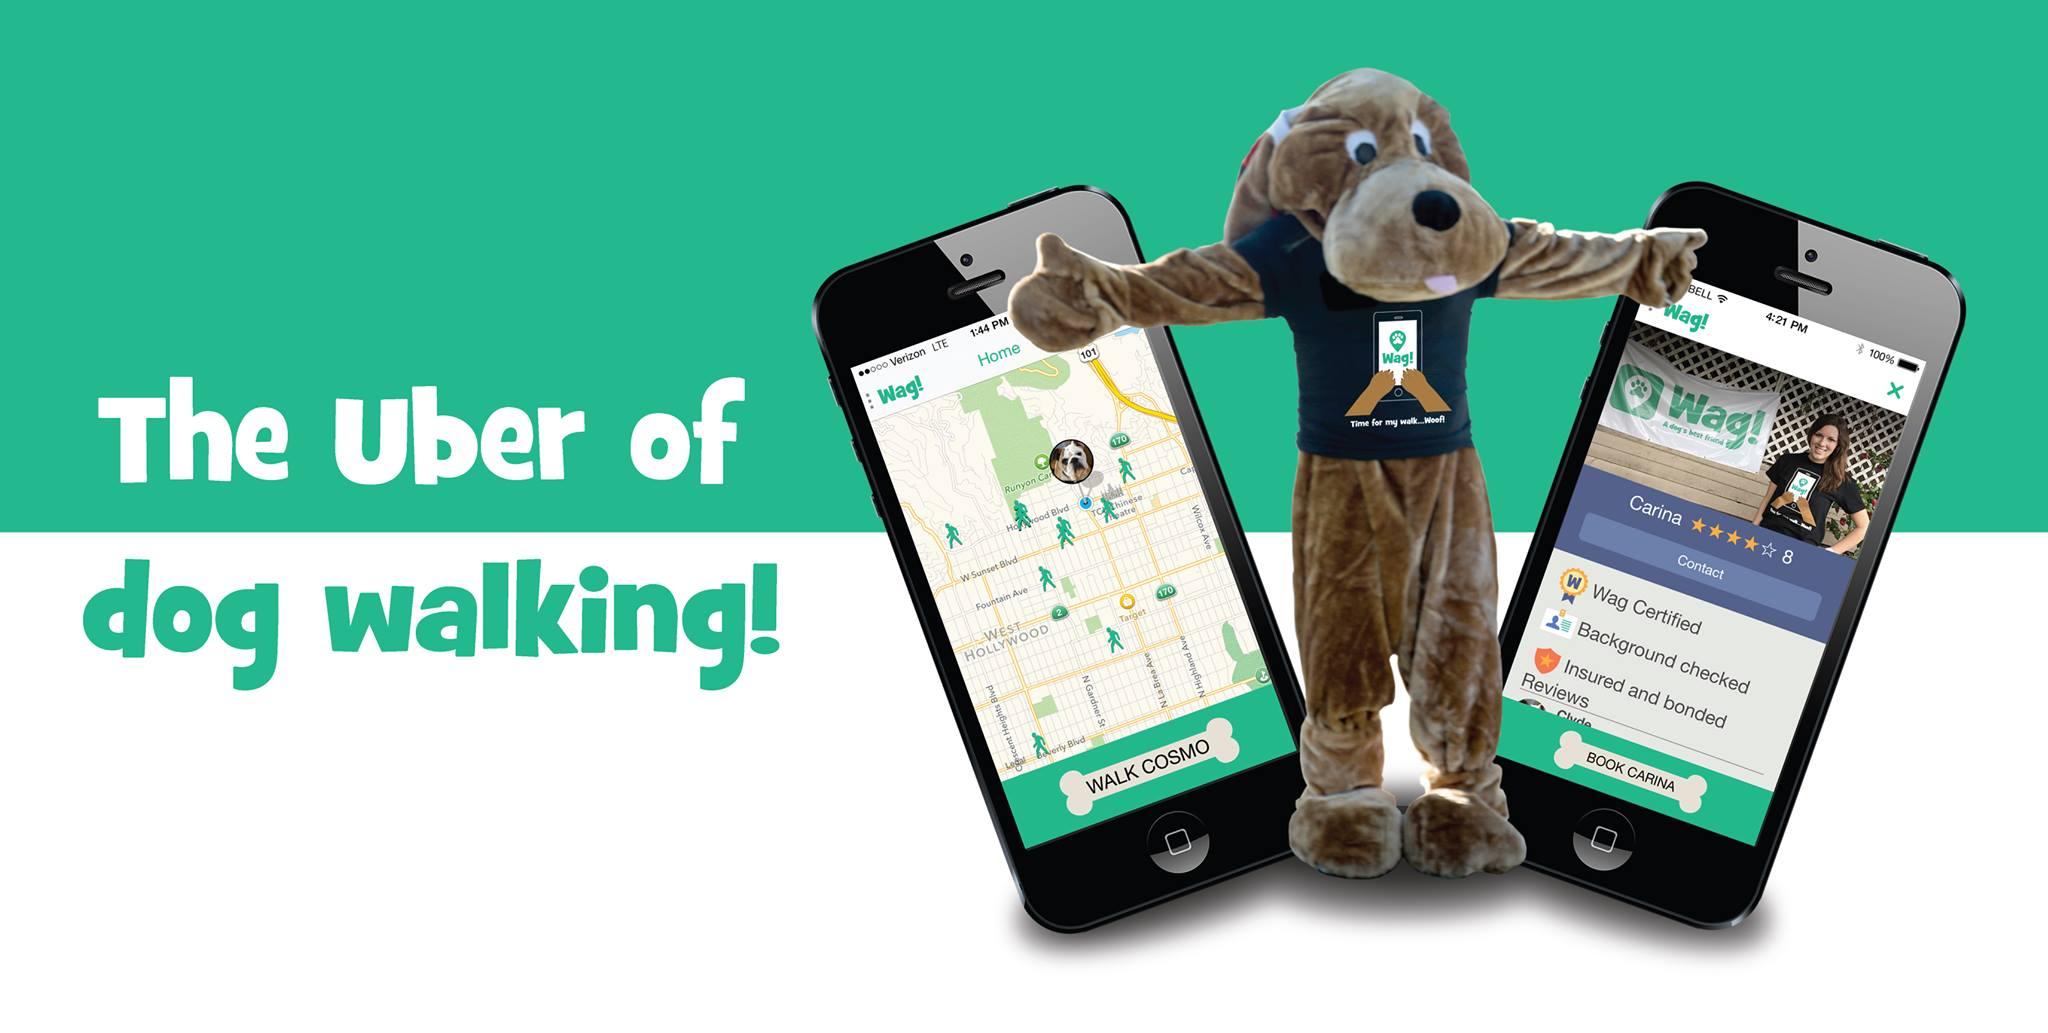 ¿Te gusta Wag? Es una app que conecta a dueños de mascotas y paseadores de perros